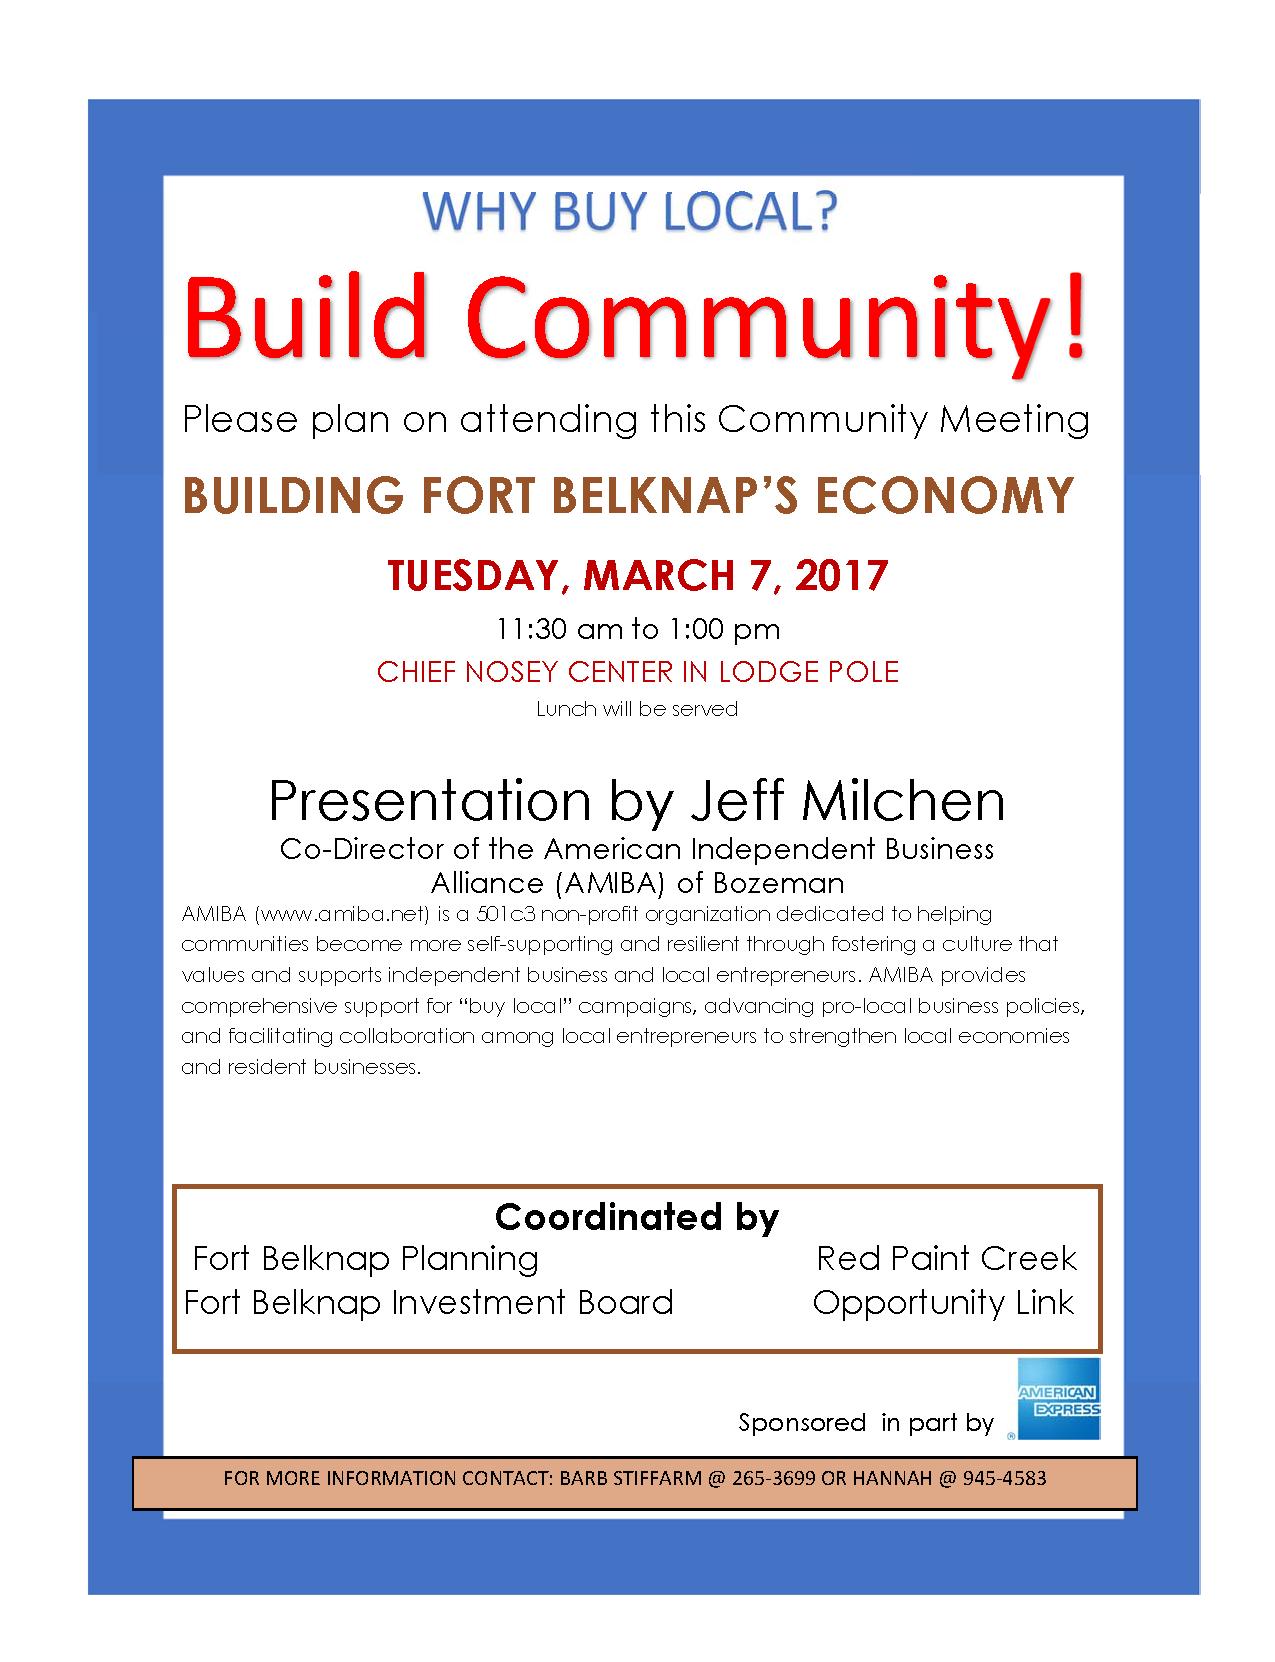 community meeting flyer FB AMIBA bjs